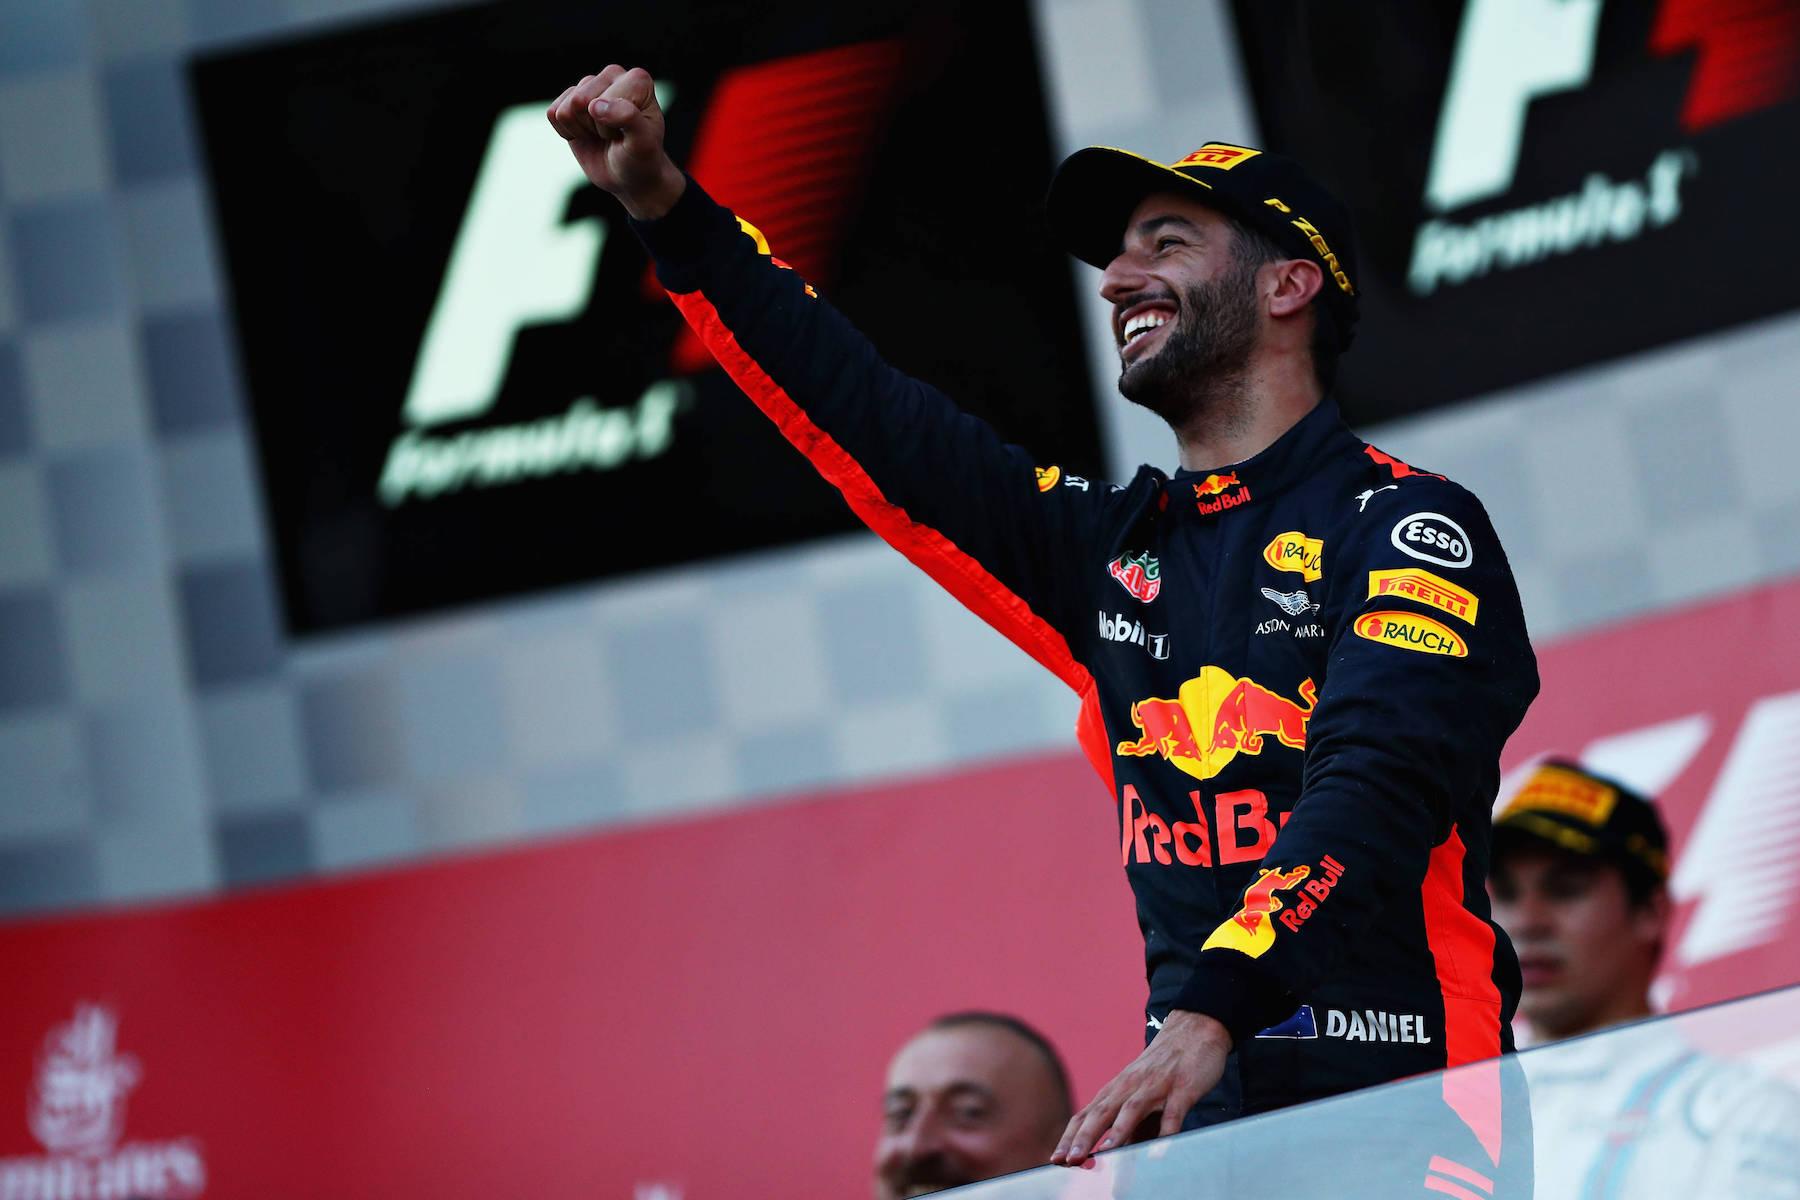 V 2017 Daniel Ricciardo | Red Bull RB13 | 2017 Azerbaijan GP P1 2 copy.jpg